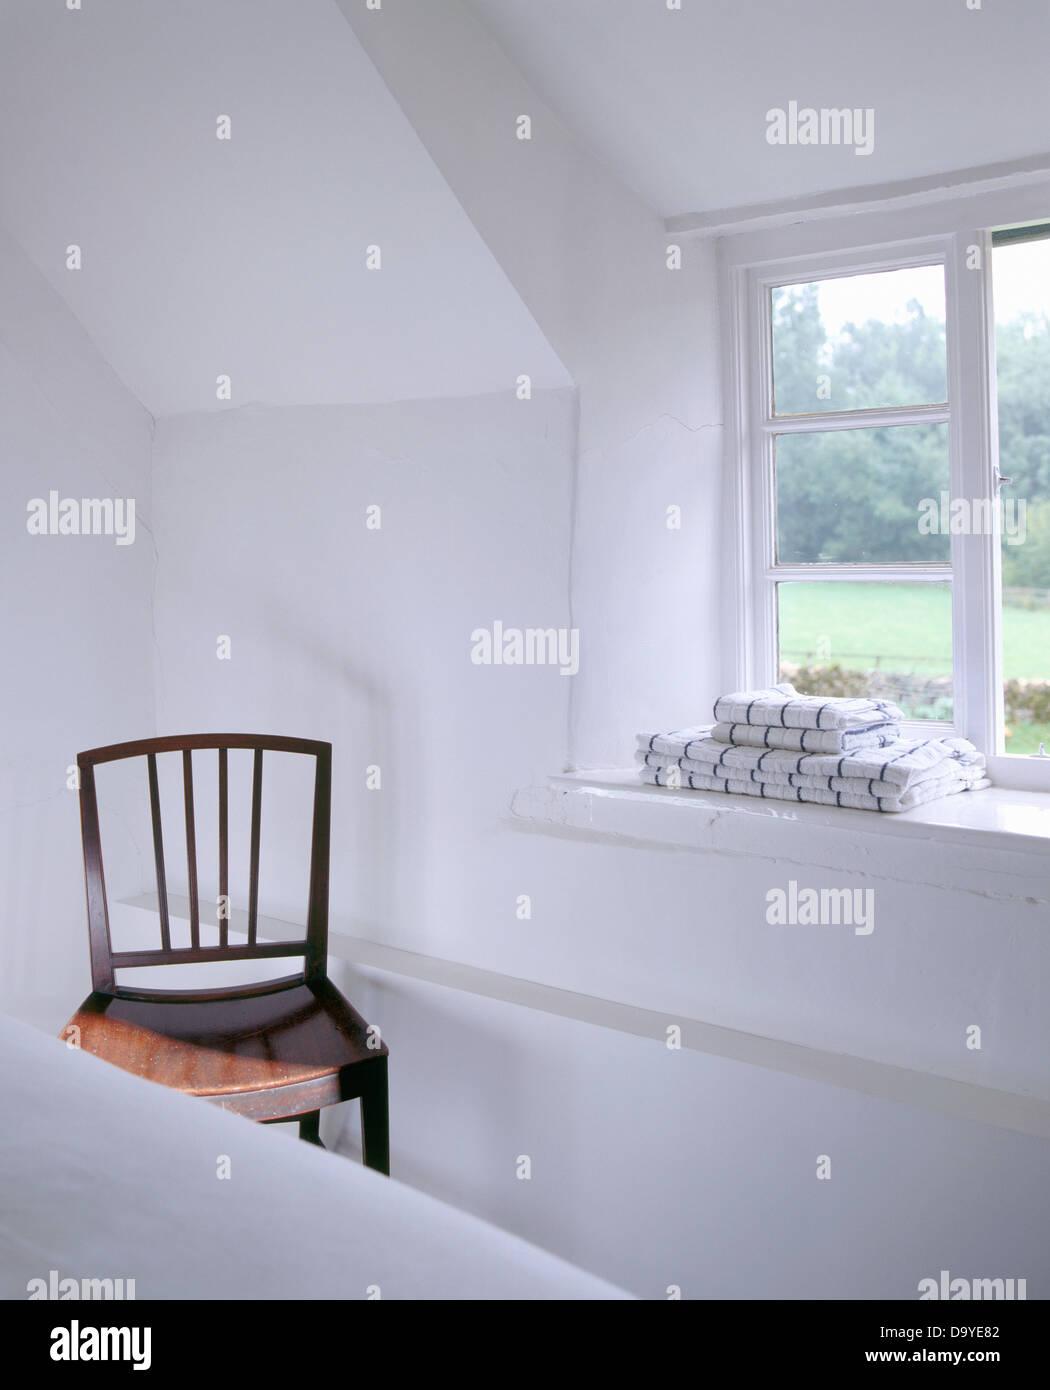 Holzstuhl neben offenen Fenster mit Stapel Handtücher auf ...